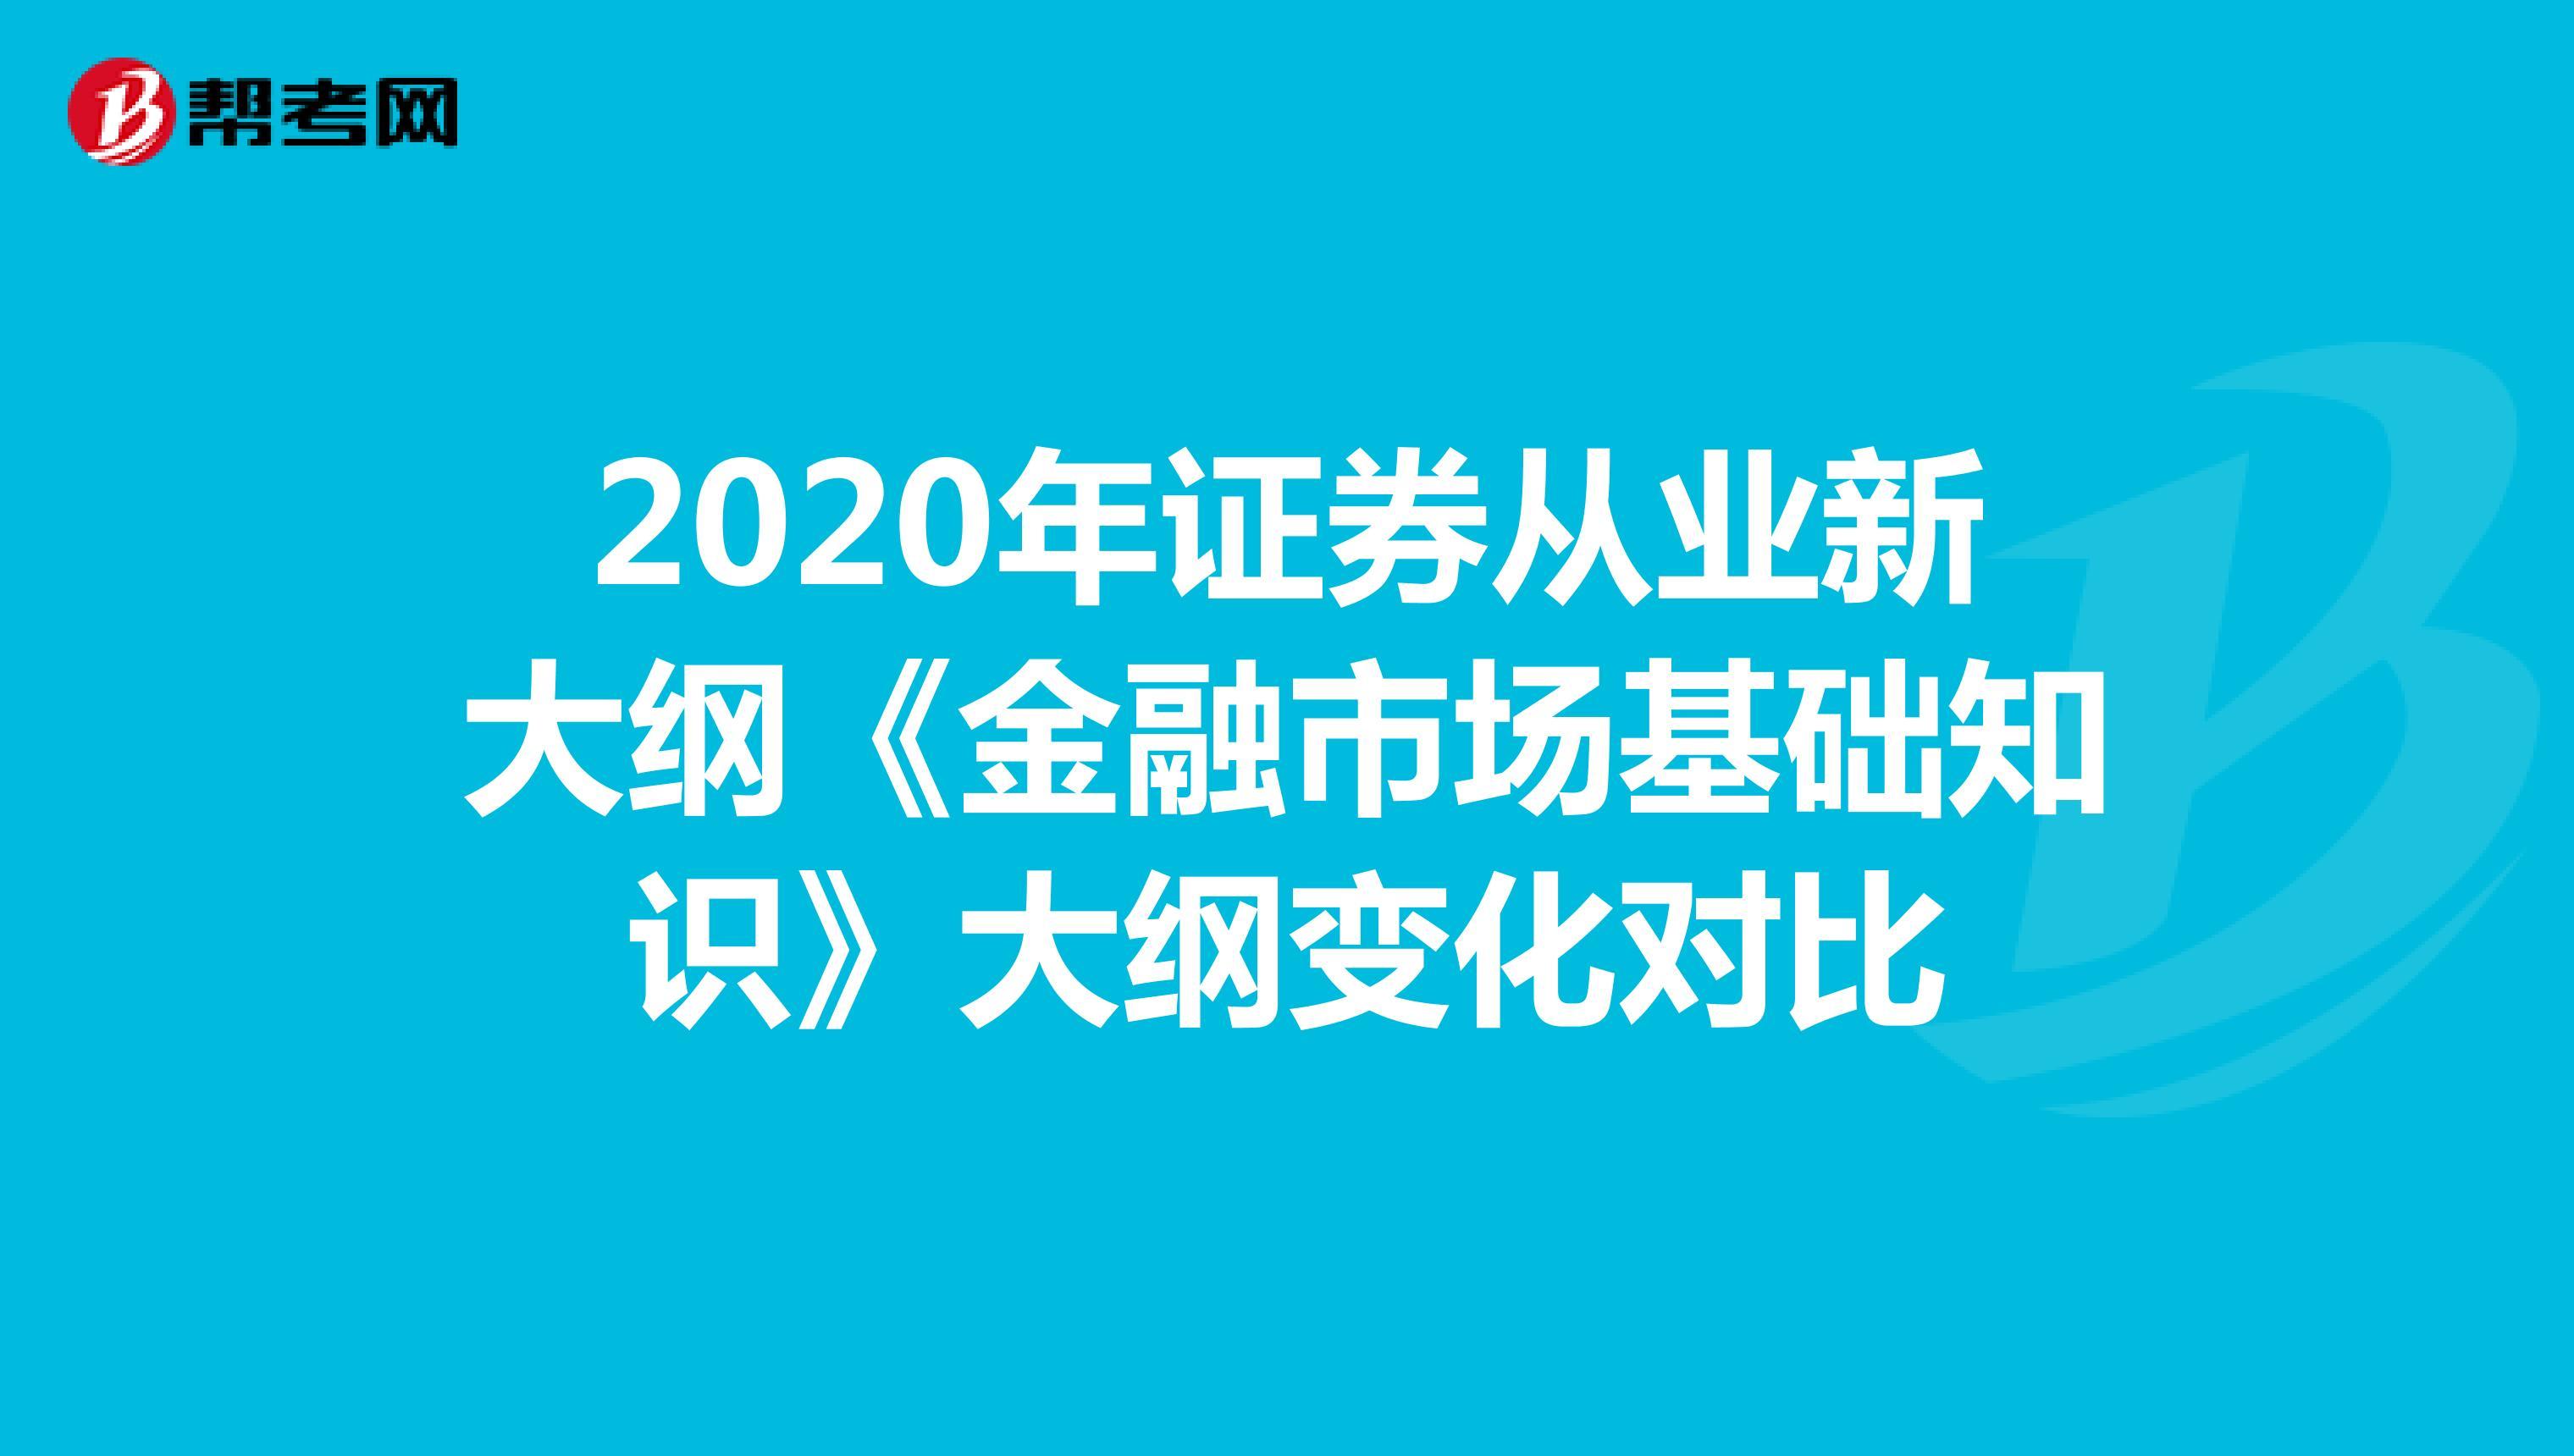 2020年证券从业新大纲《金融市场基础知识》大纲变化对比